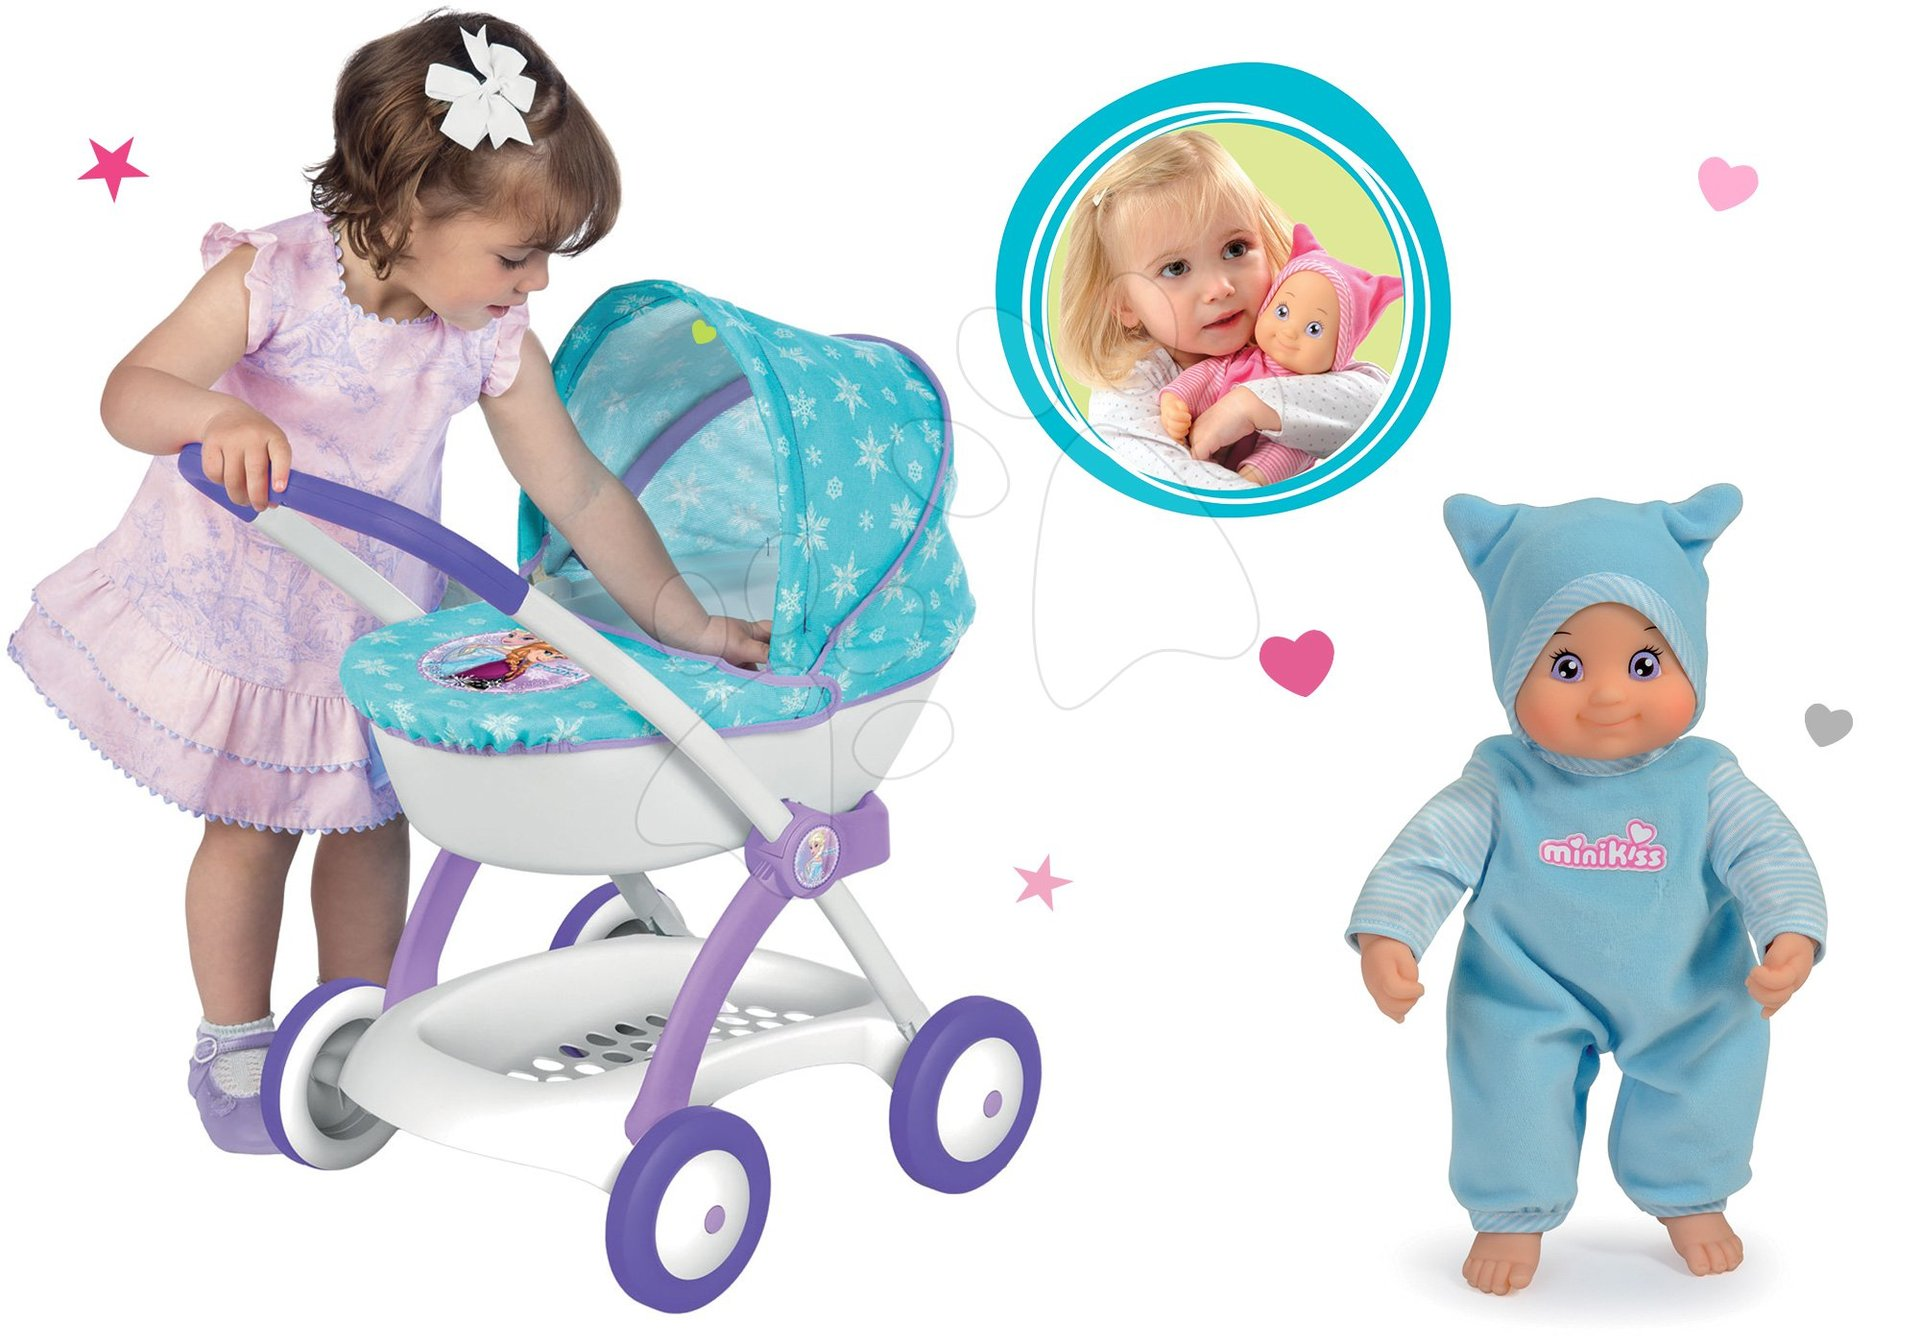 Komplet globoki voziček za 42 cm dojenčka Frozen Disney Smoby in dojenček MiniKiss z zvokom moder